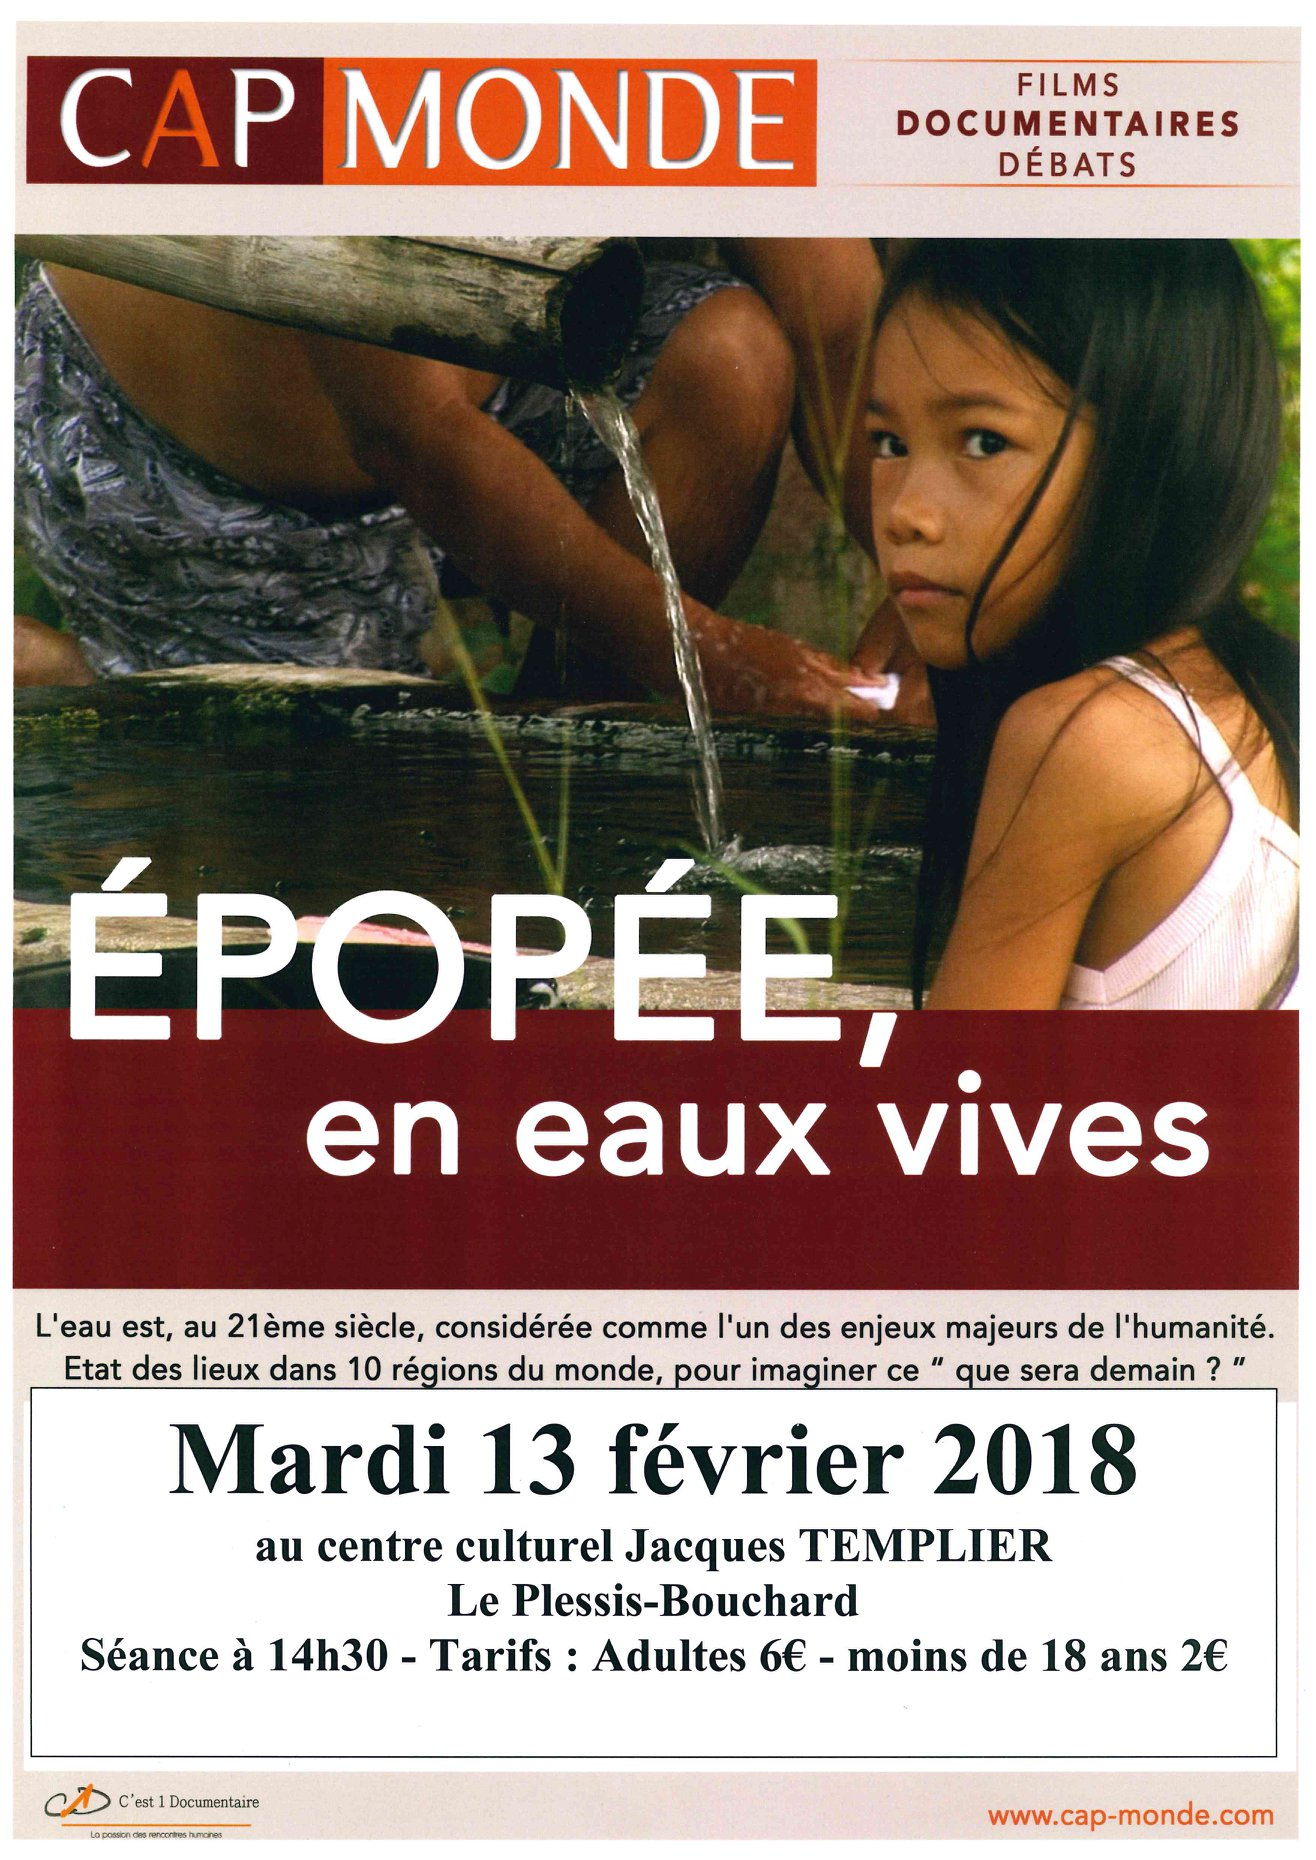 Séance Cap Monde 13 février 2018